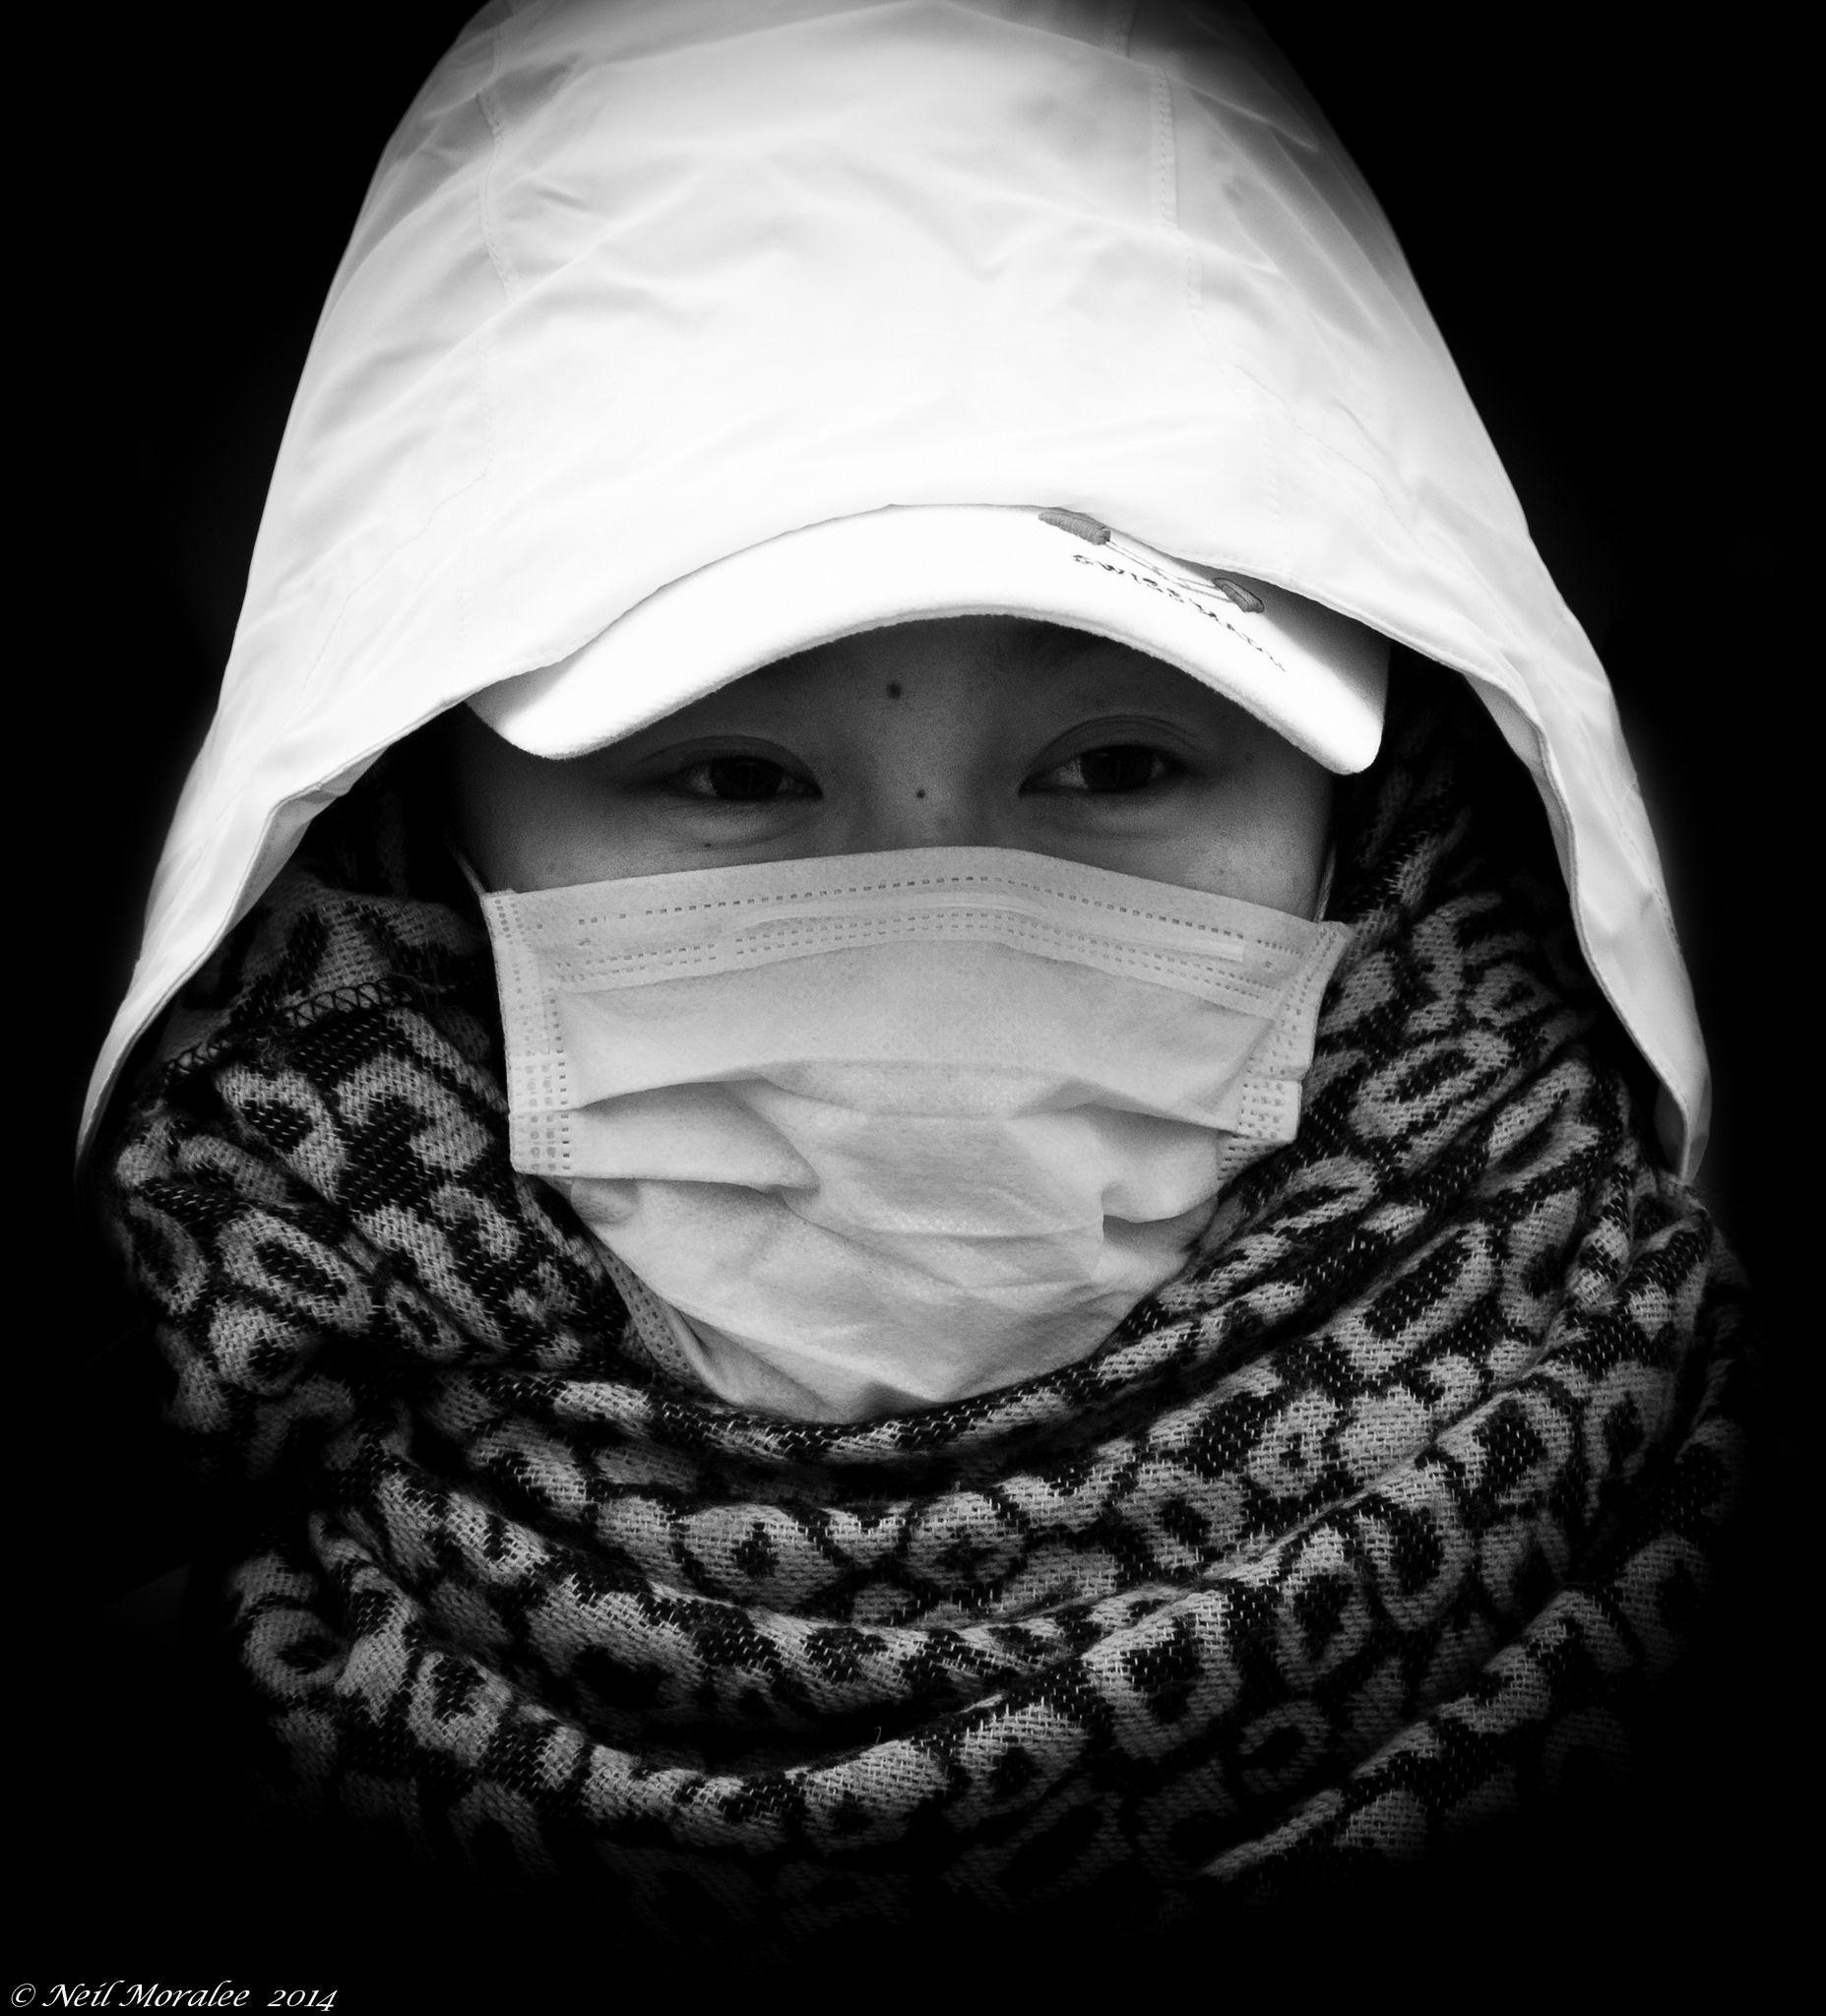 Los riesgos de una improvisada comunicación del riesgo Ebola